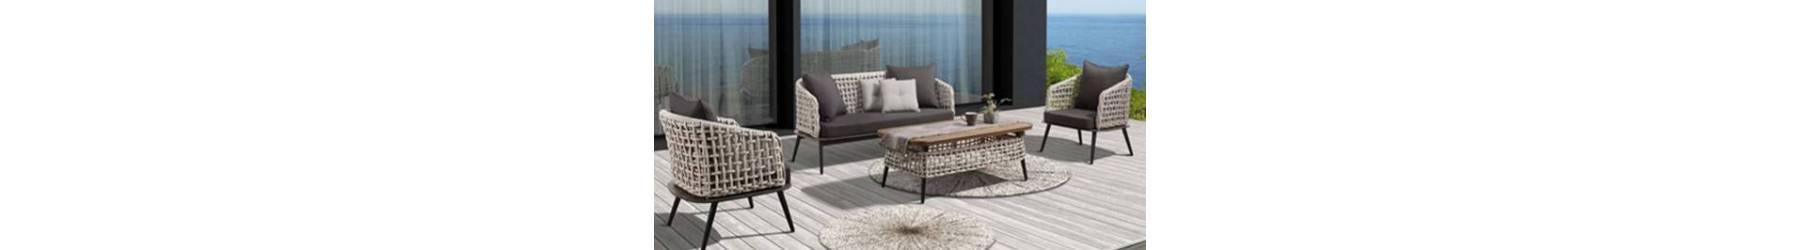 Καθιστικά και σαλόνια κήπου και βεράντας για εξωτερικούς χώρους